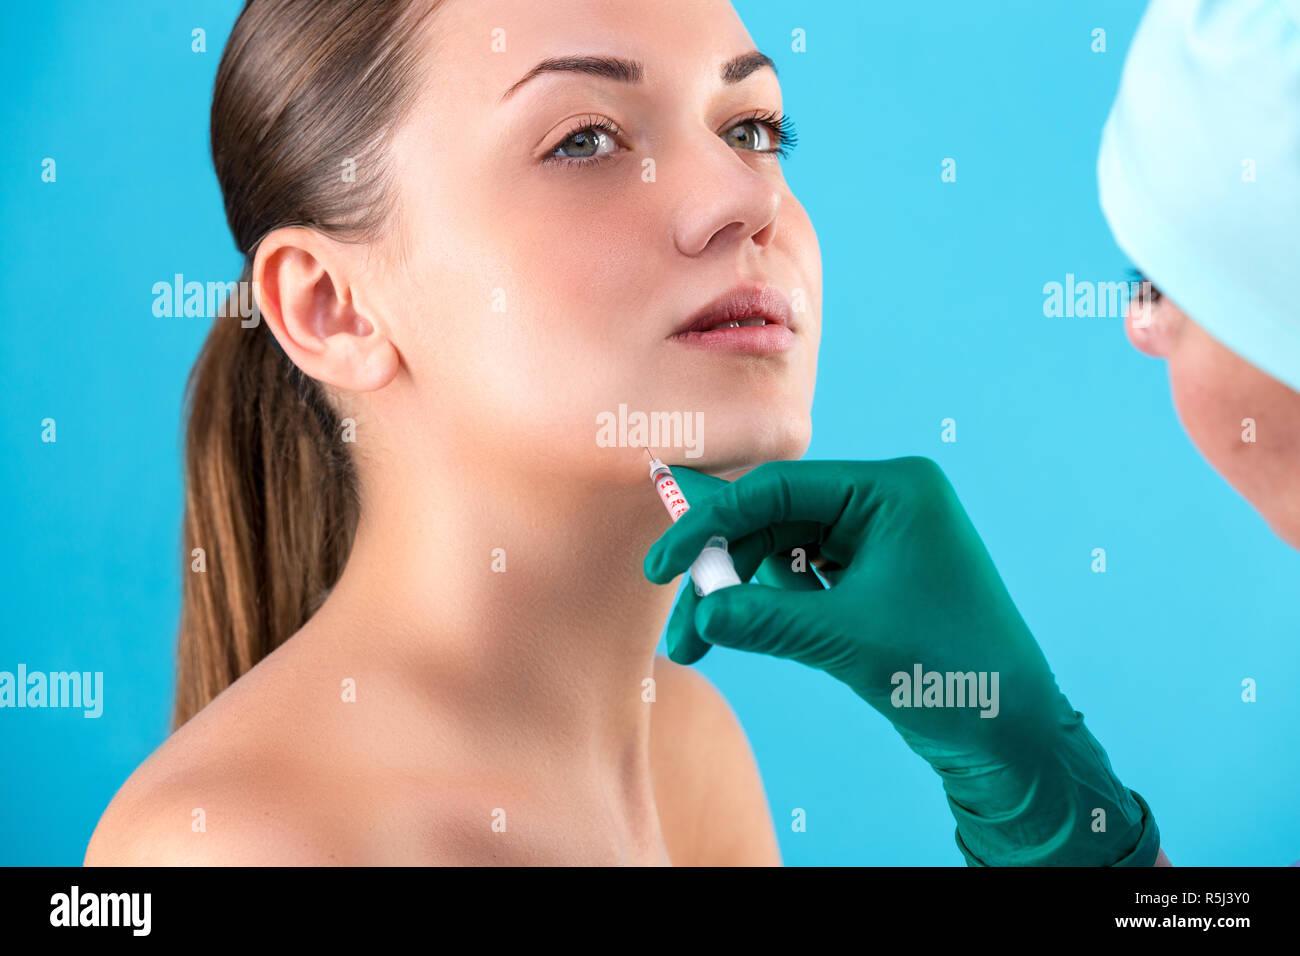 Macht alles Mädchen spritzen Analsex sicher